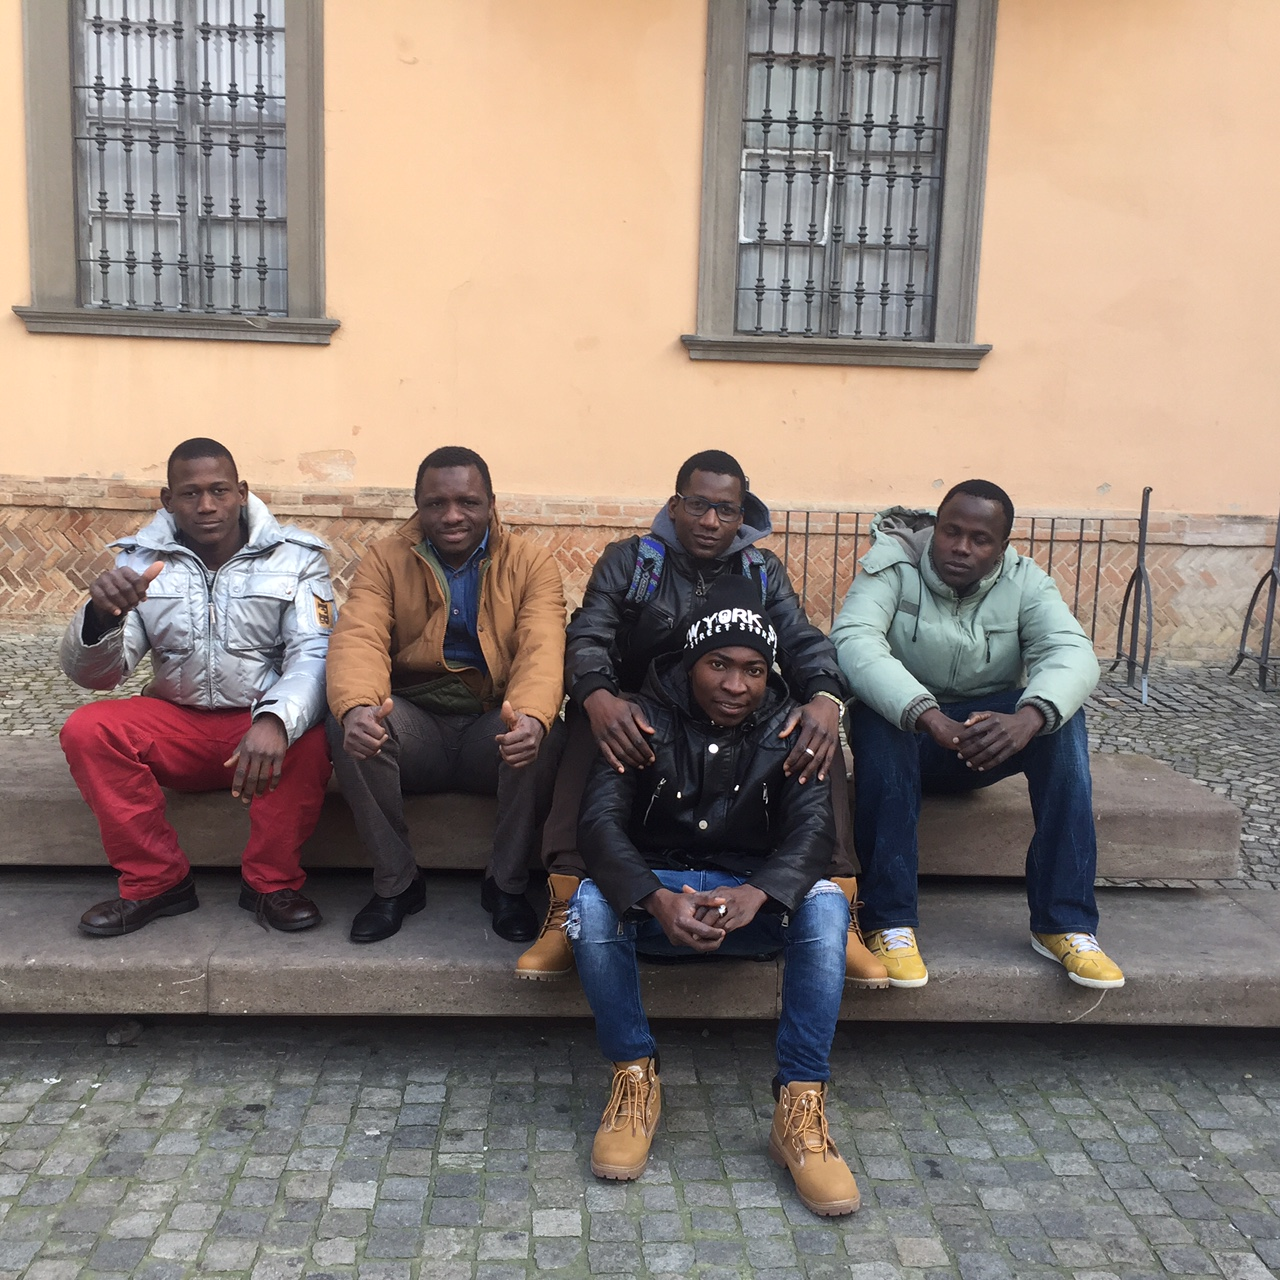 Dall'Africa in cerca di speranza. Alla parrocchia di Fiorenzuola 4 richiedenti asilo